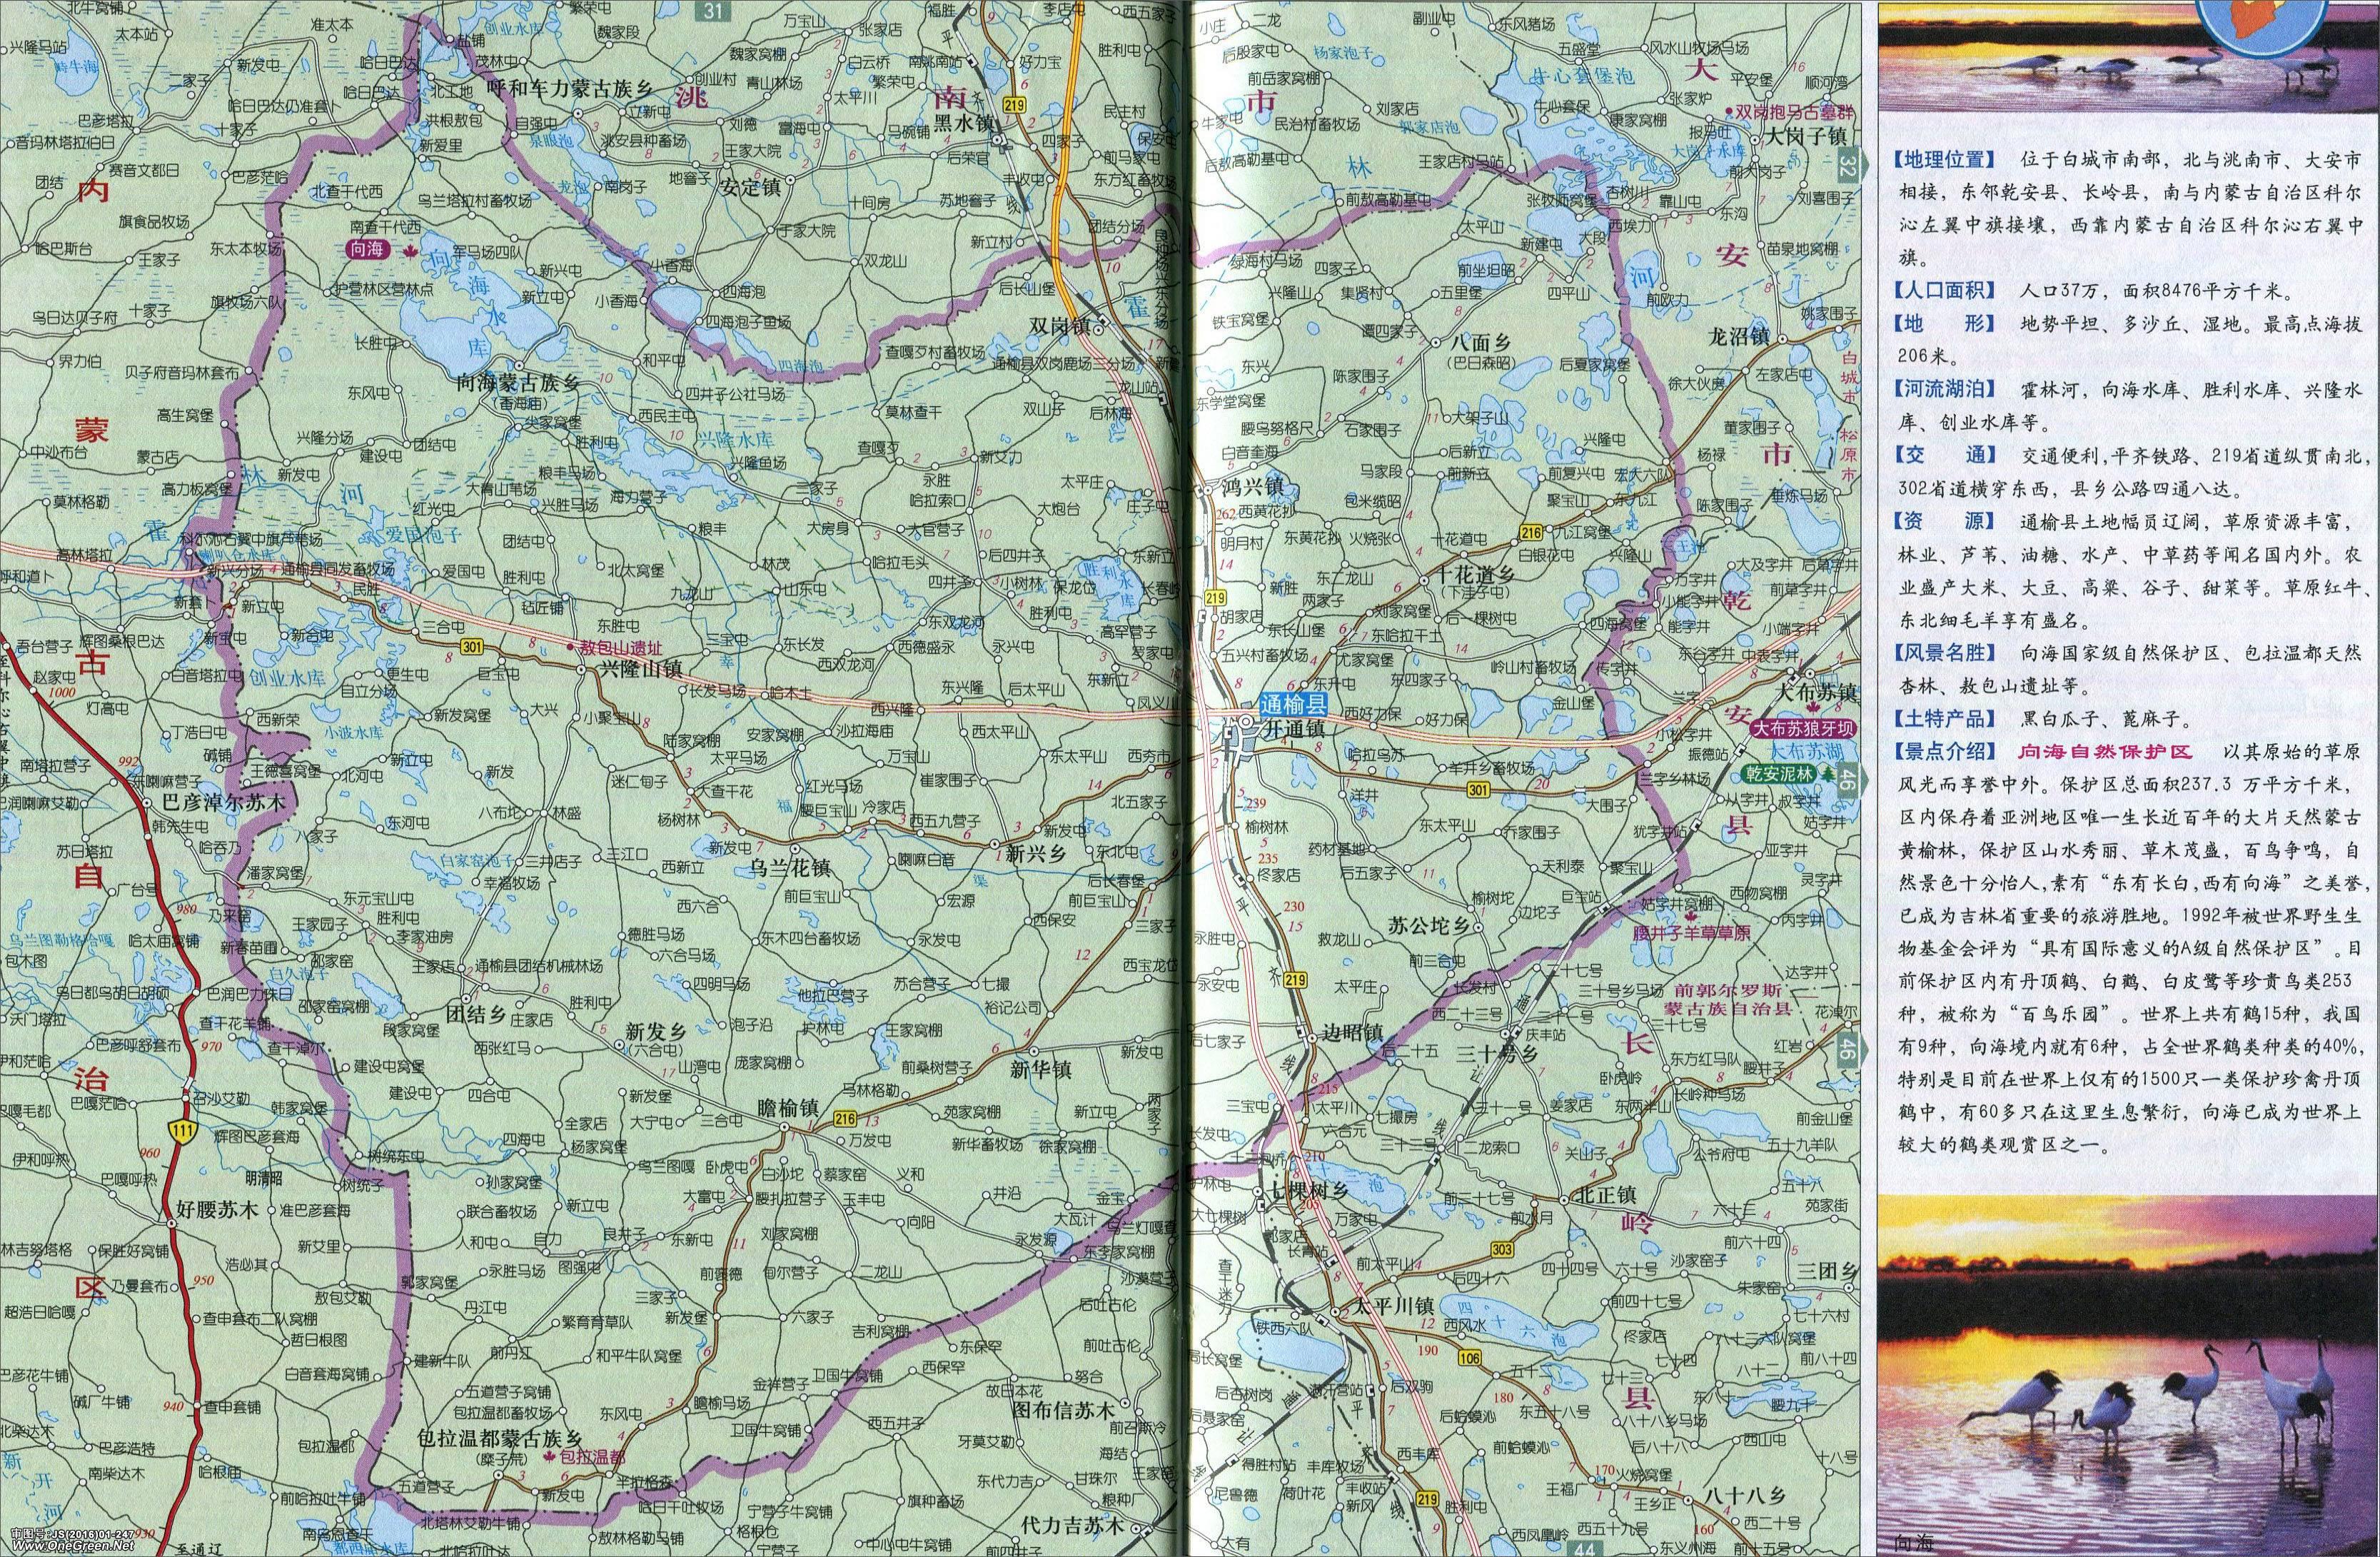 通榆县地图